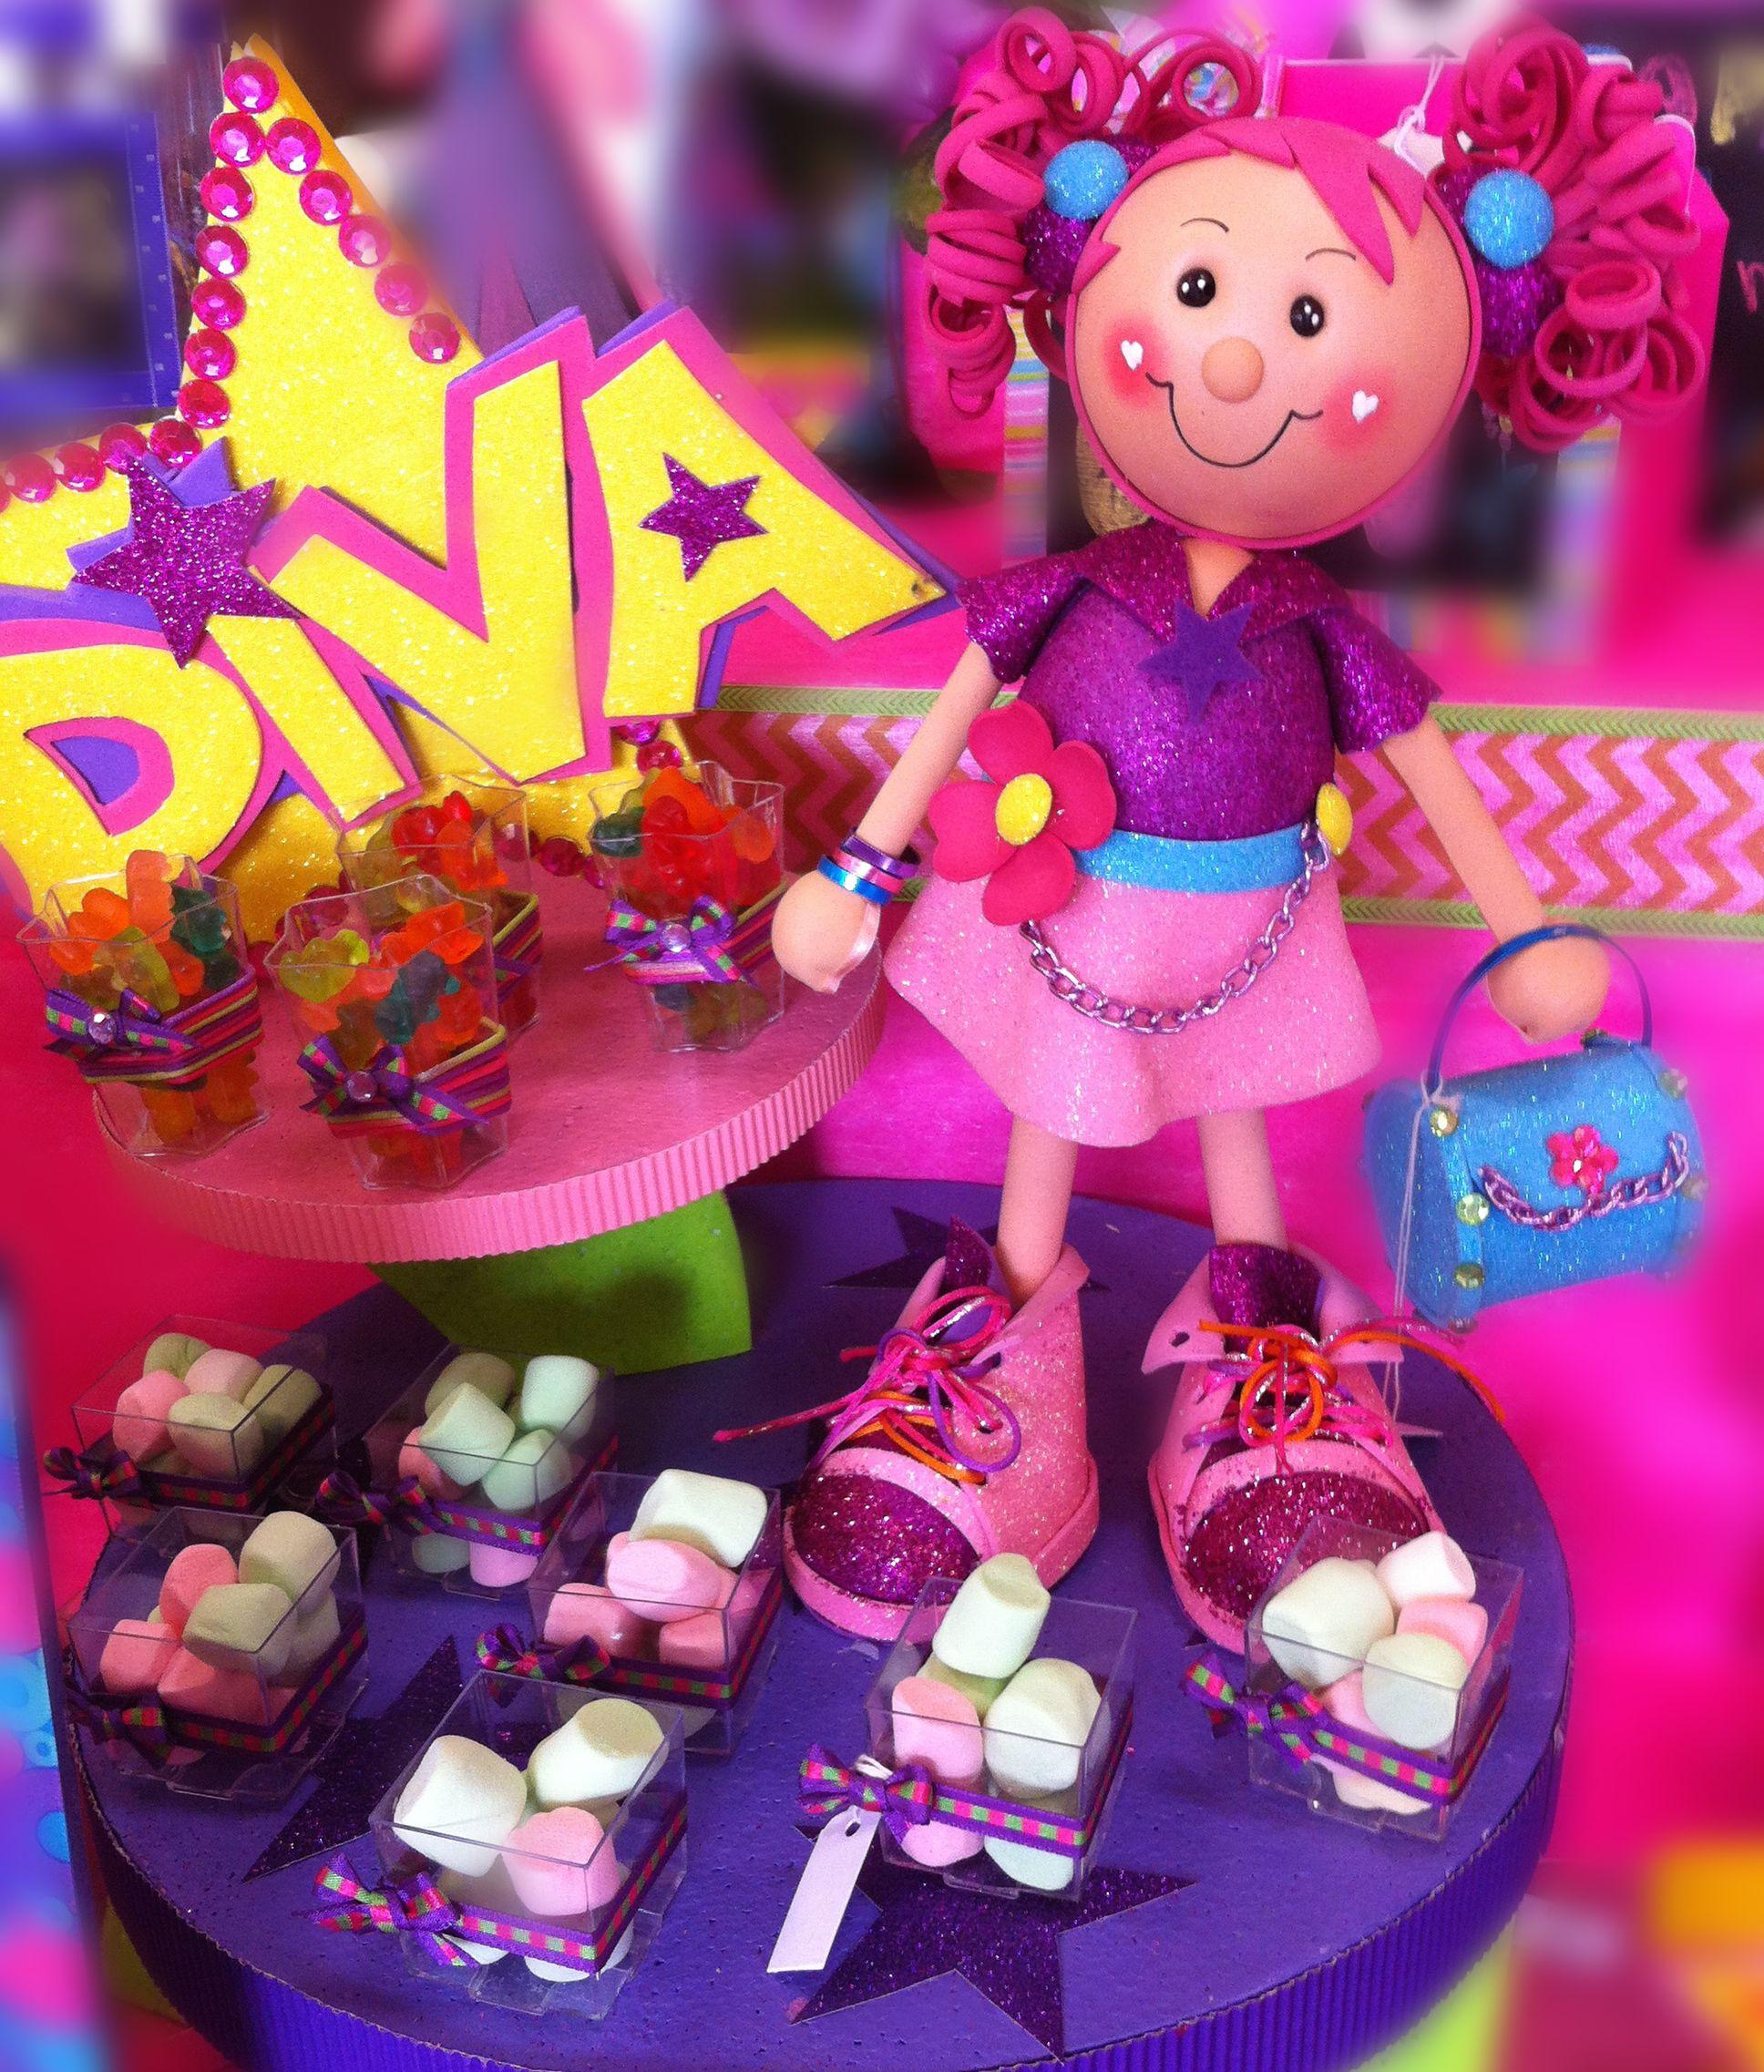 Decoraci n para fiestas infantiles barra de dulces for Decoracion de mesas dulces infantiles